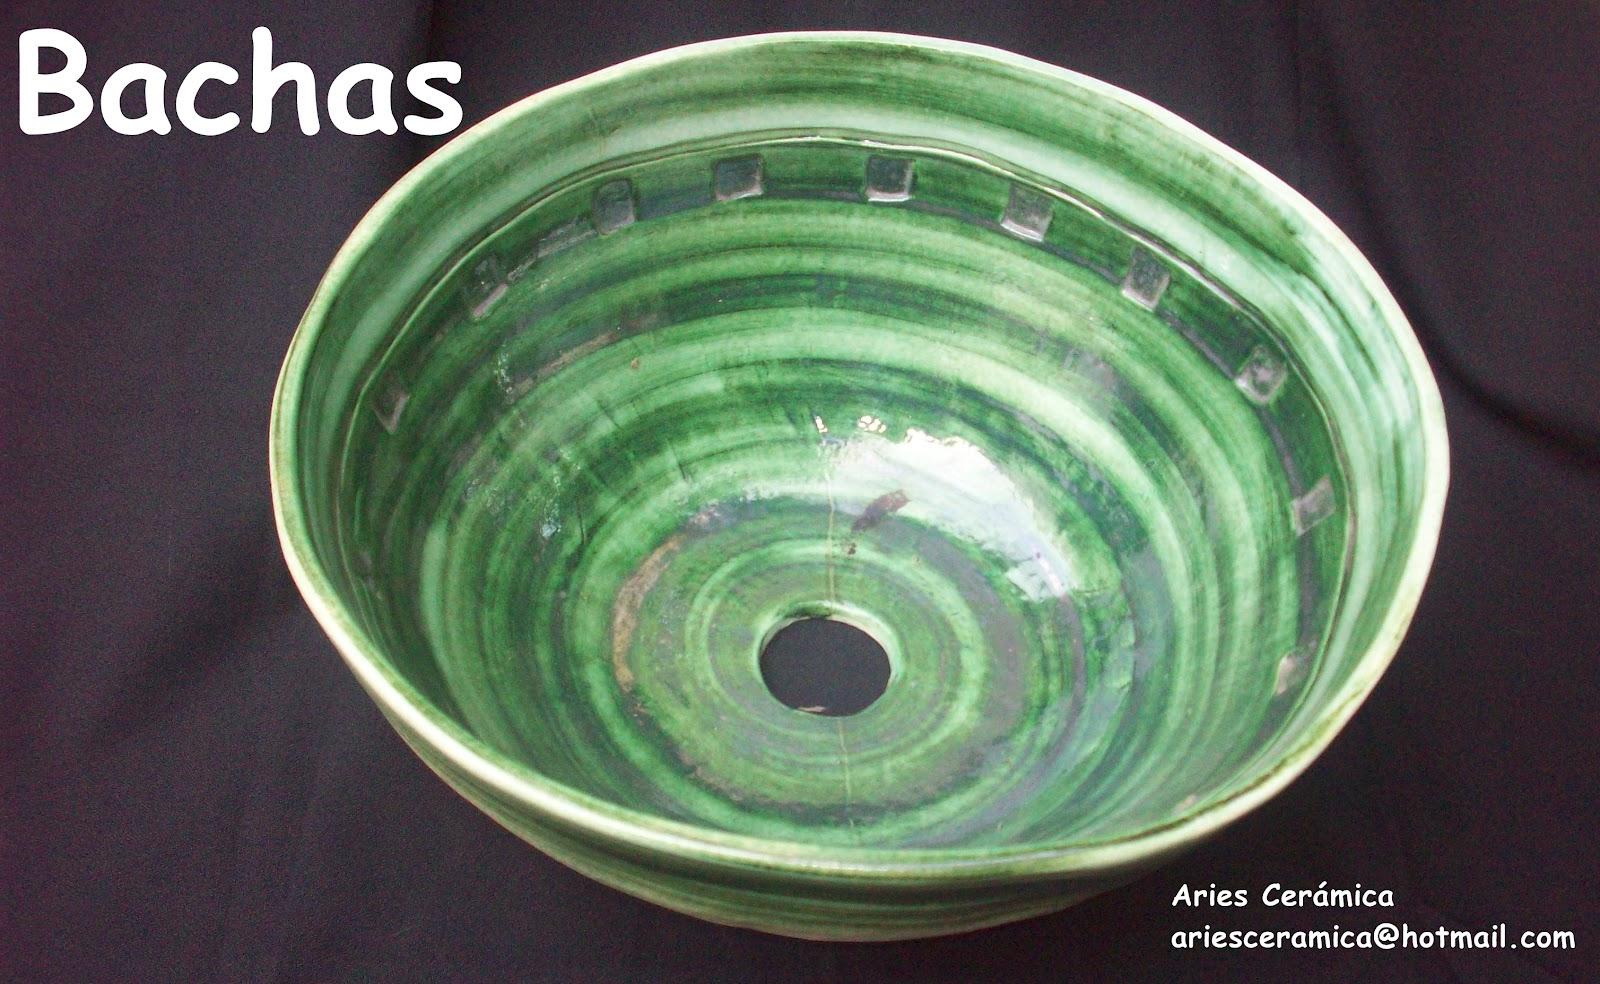 Bachas Para Baño Redondas:Aries Ceramica Para El Hogar: Bachas Para Baños!